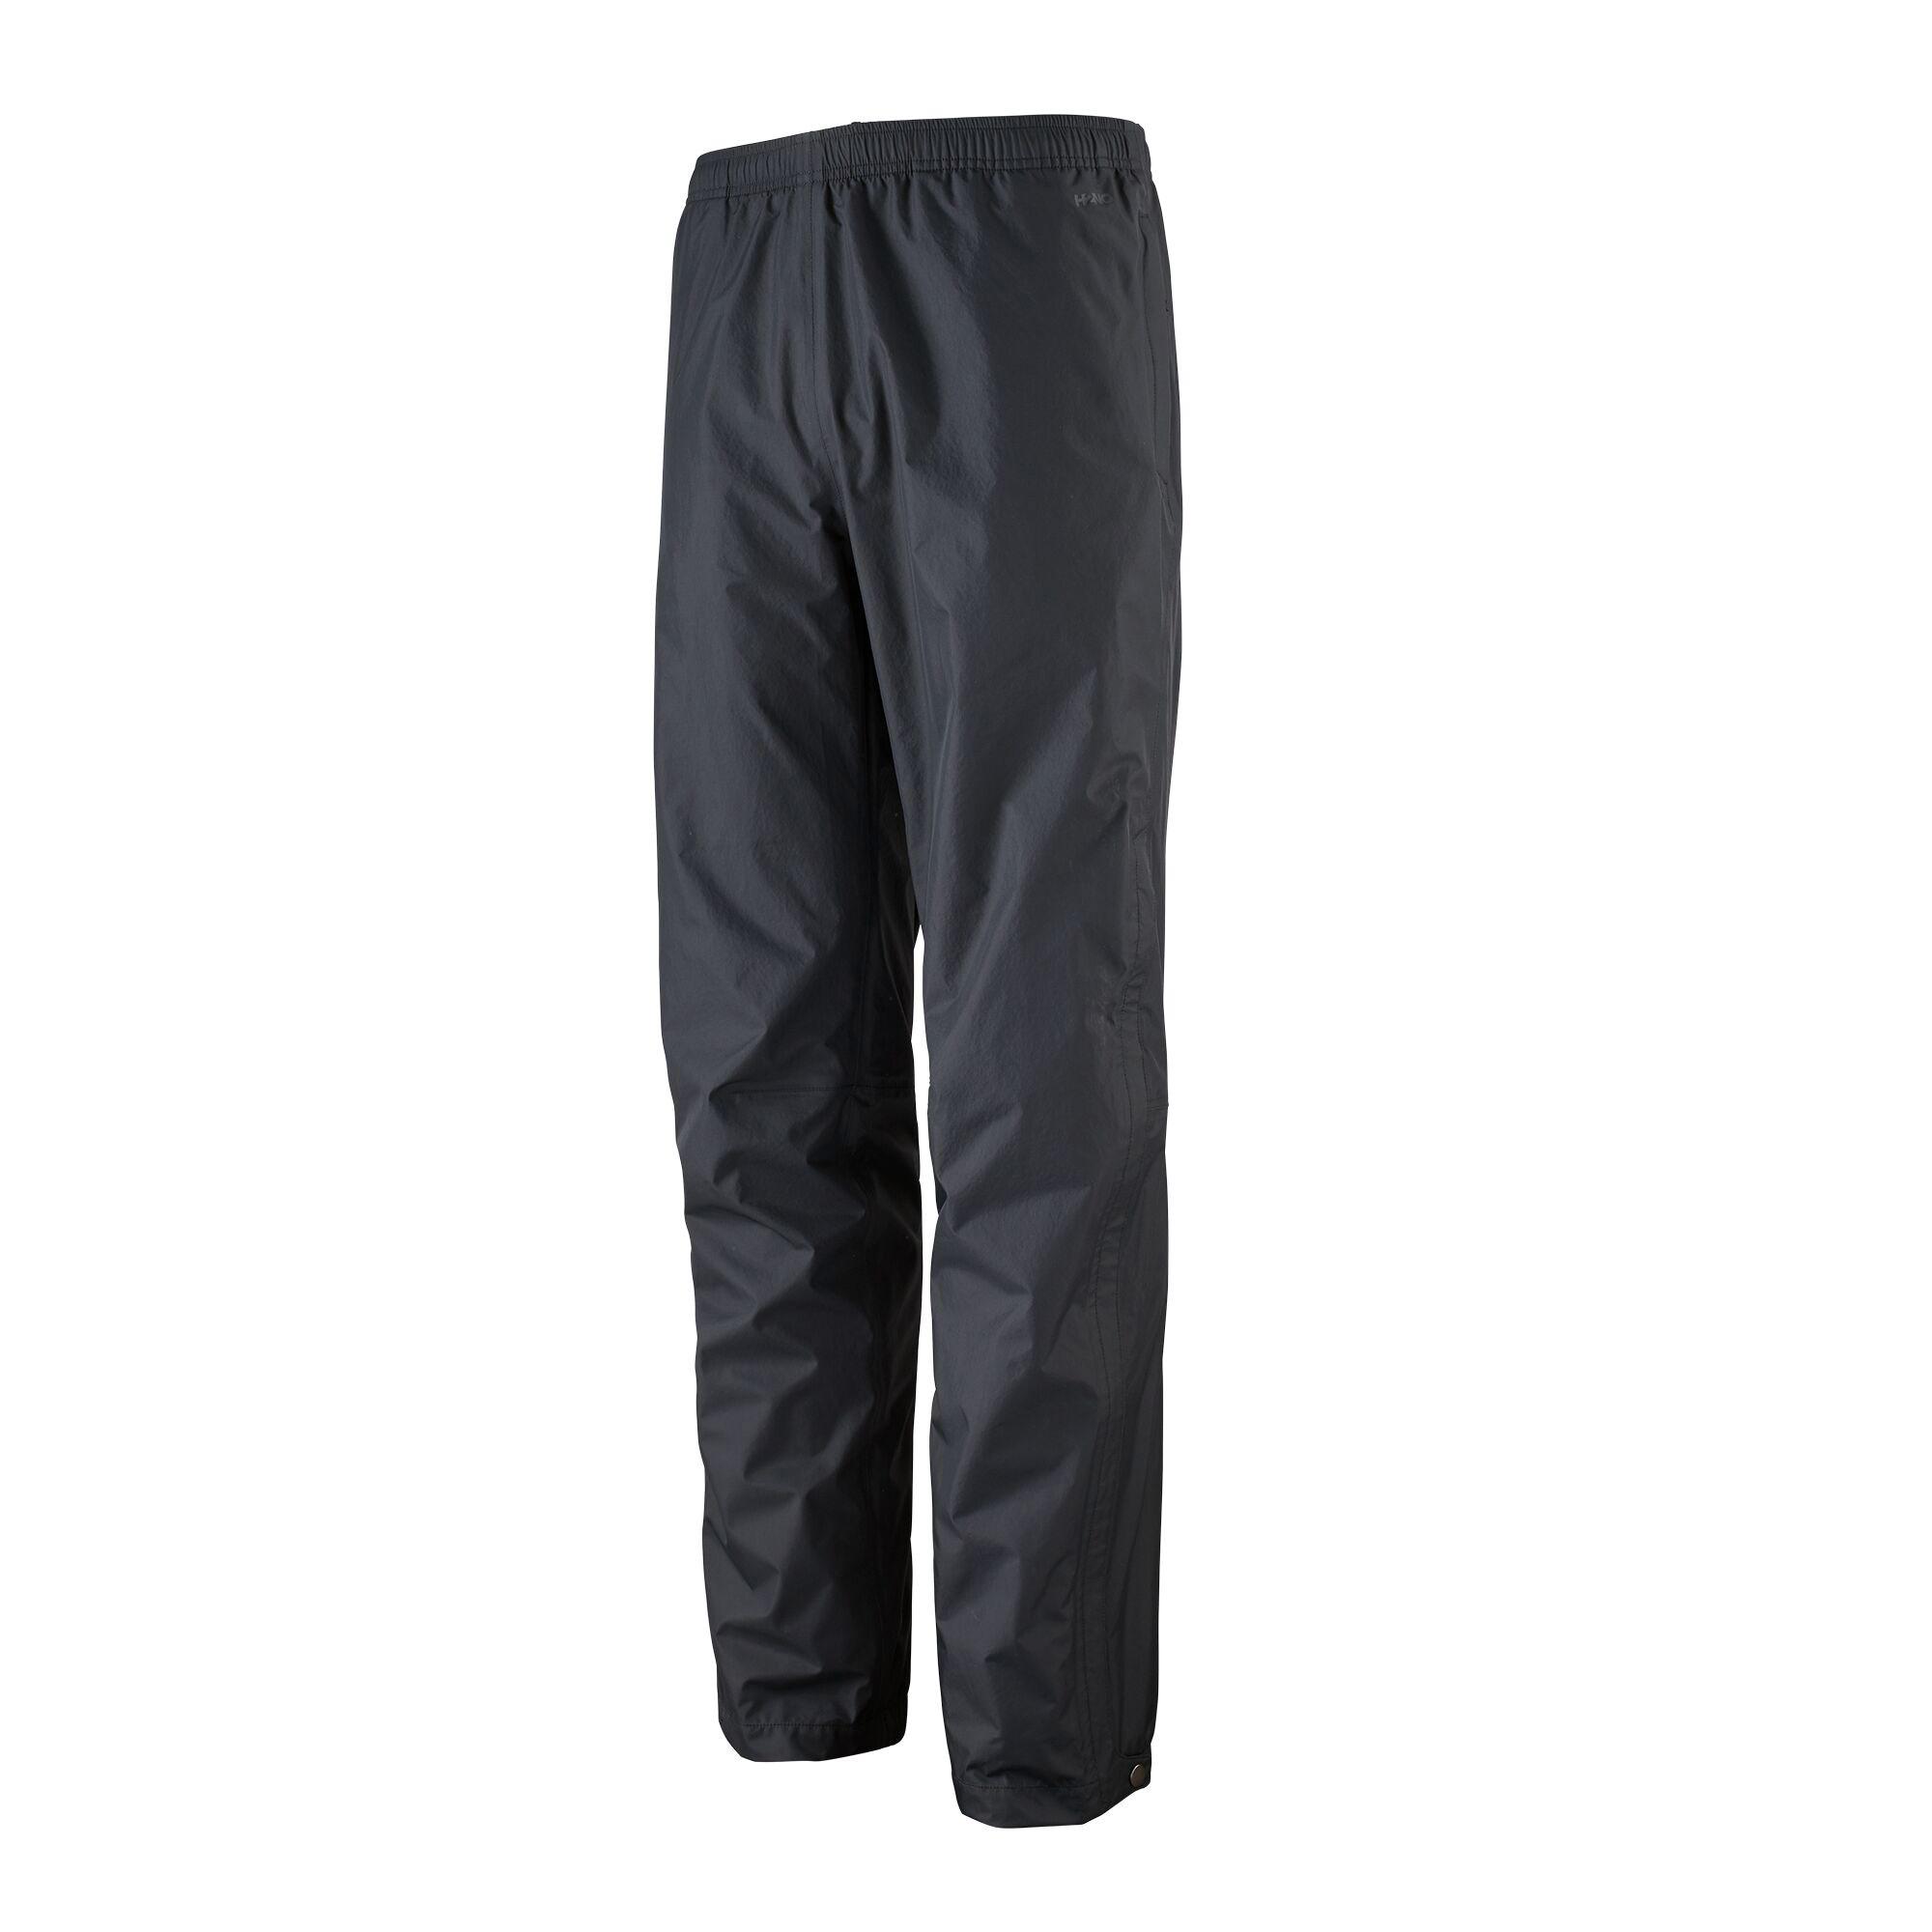 Torrentshell 3L Pants Regular - Men's